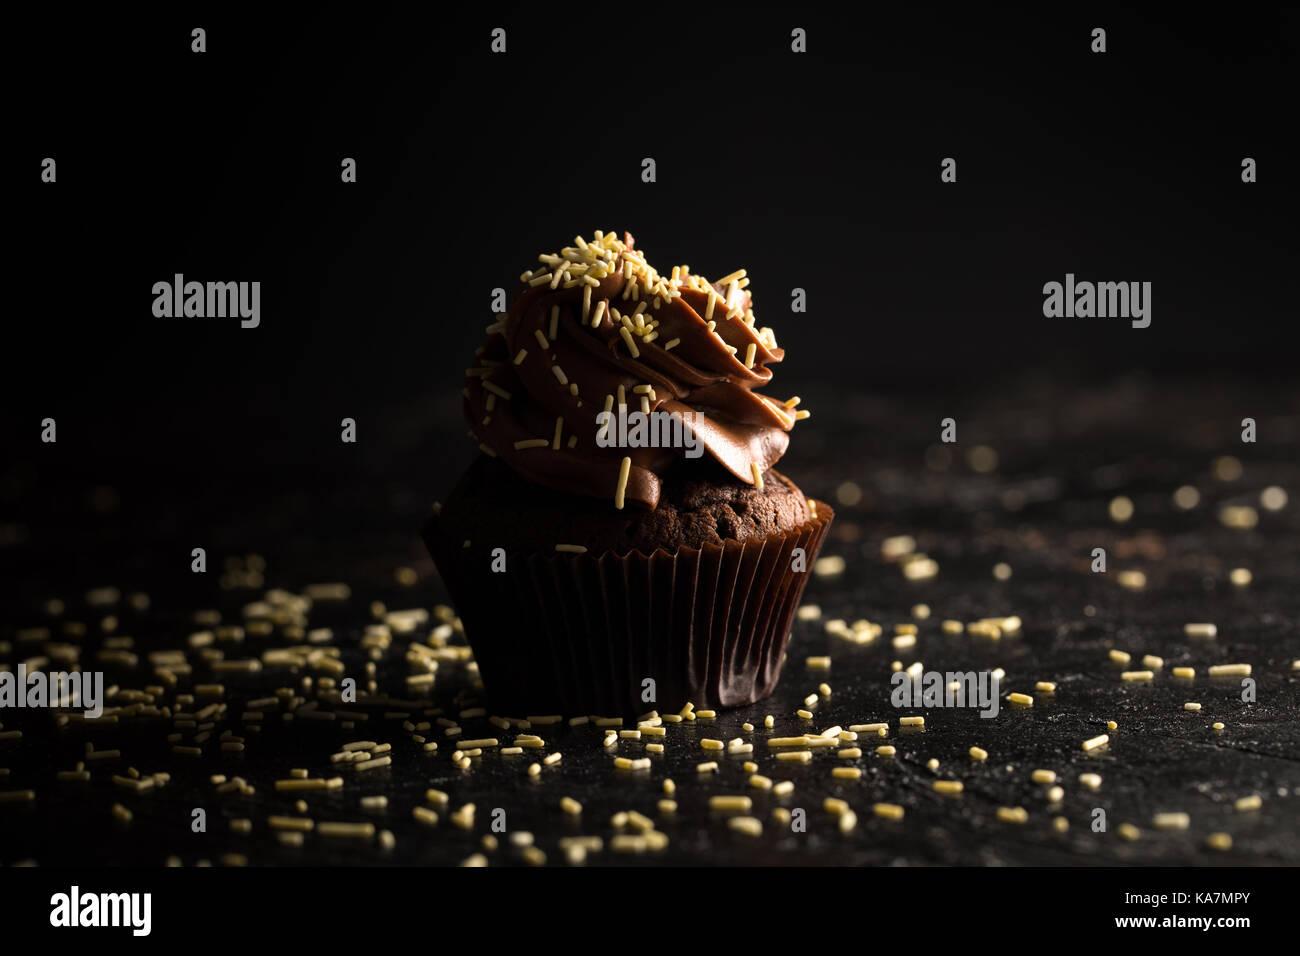 Schokolade Kuchen mit Streuseln Stockbild